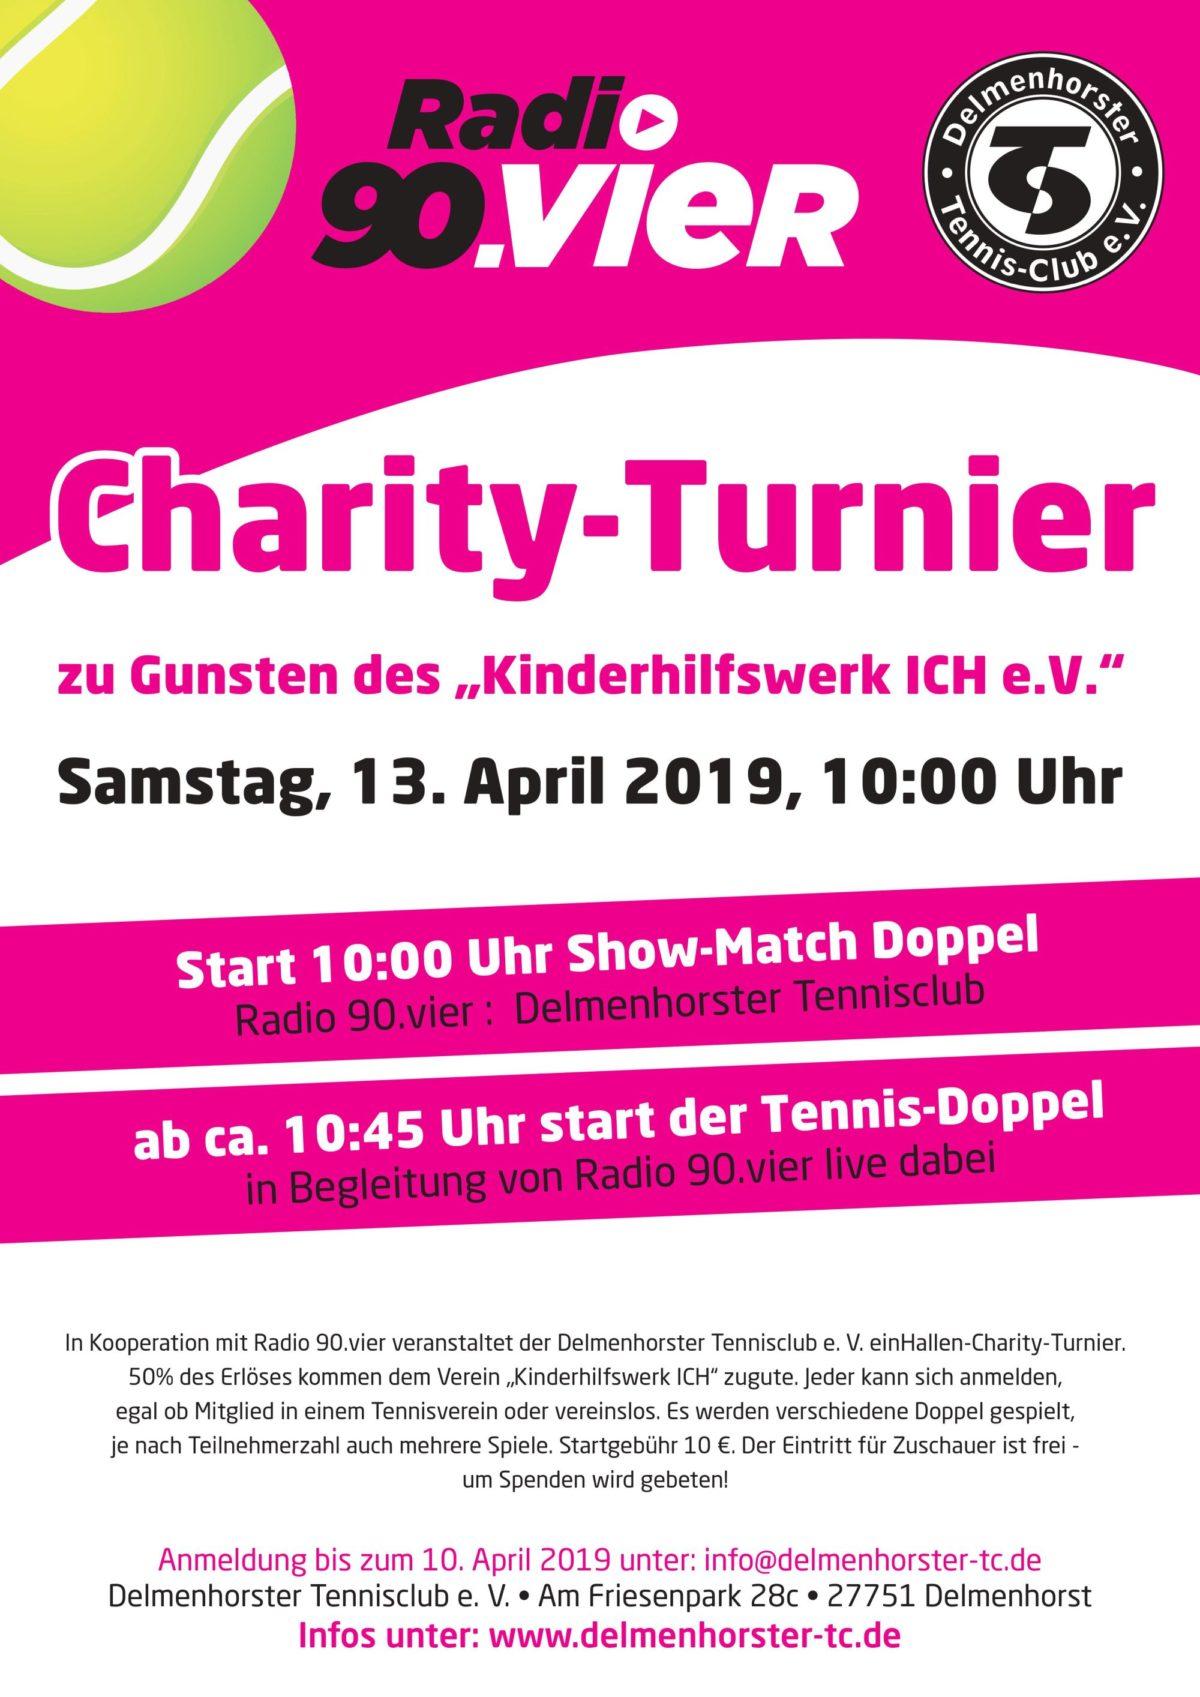 Charity Turnier Radio 90.vier und ICH e.V.